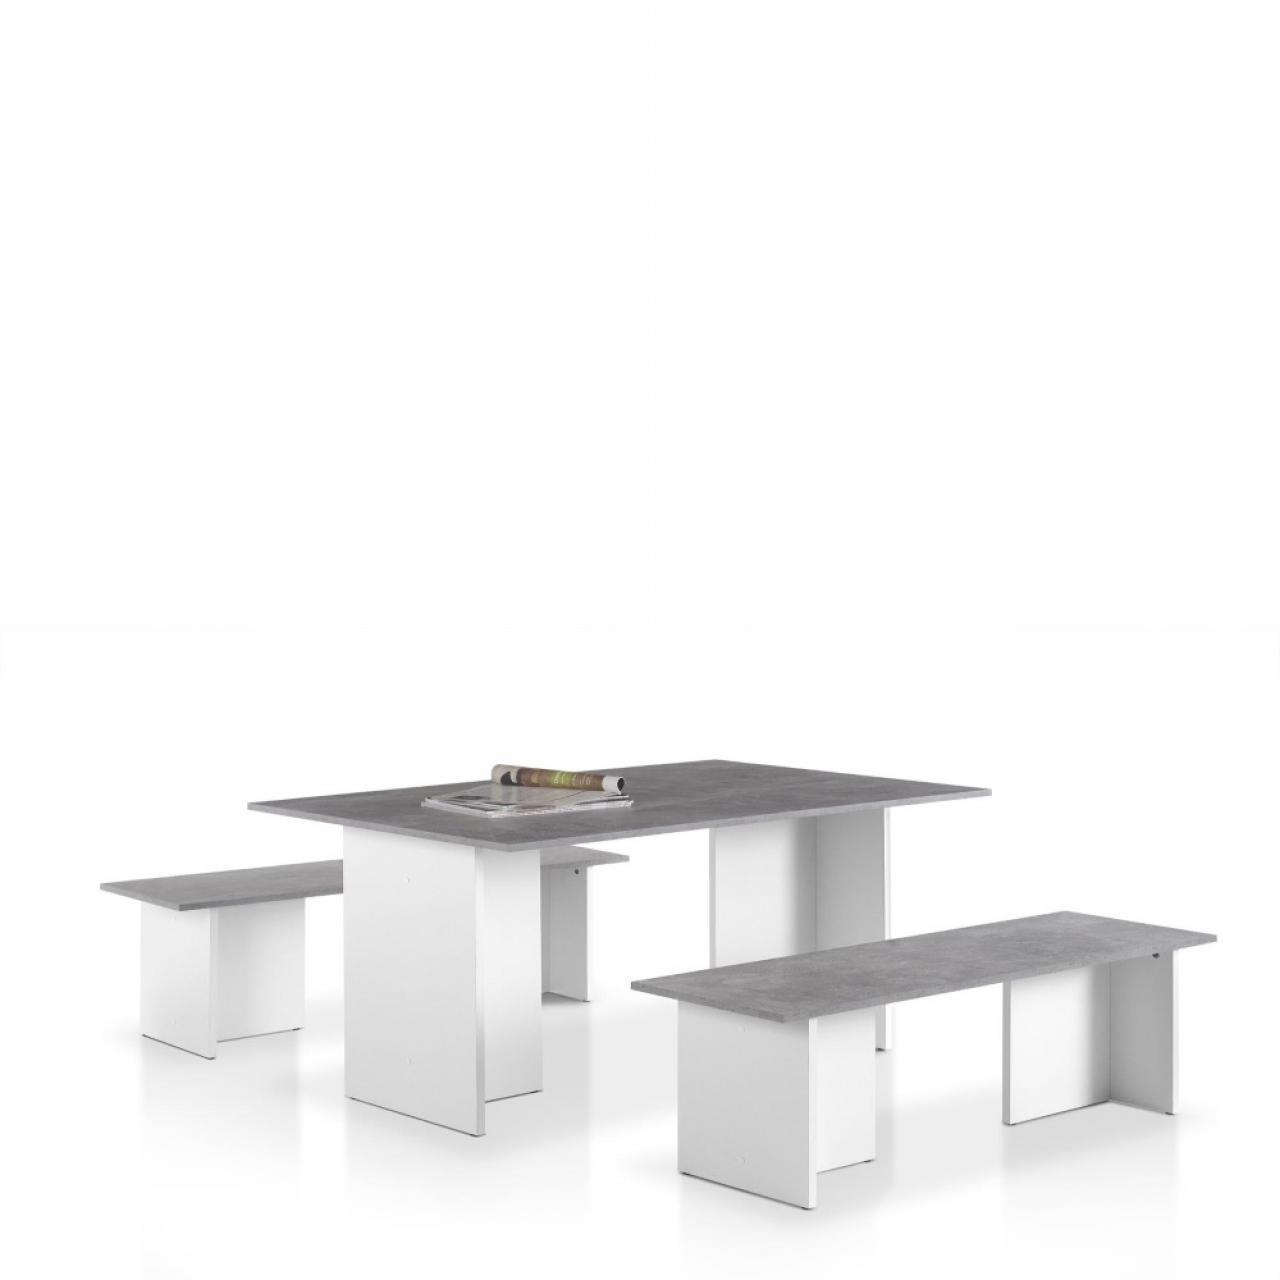 Tischgruppe Sergeant Beton | Esstische | Esszimmer | Wohnen | Möbel  Jähnichen Center GmbH